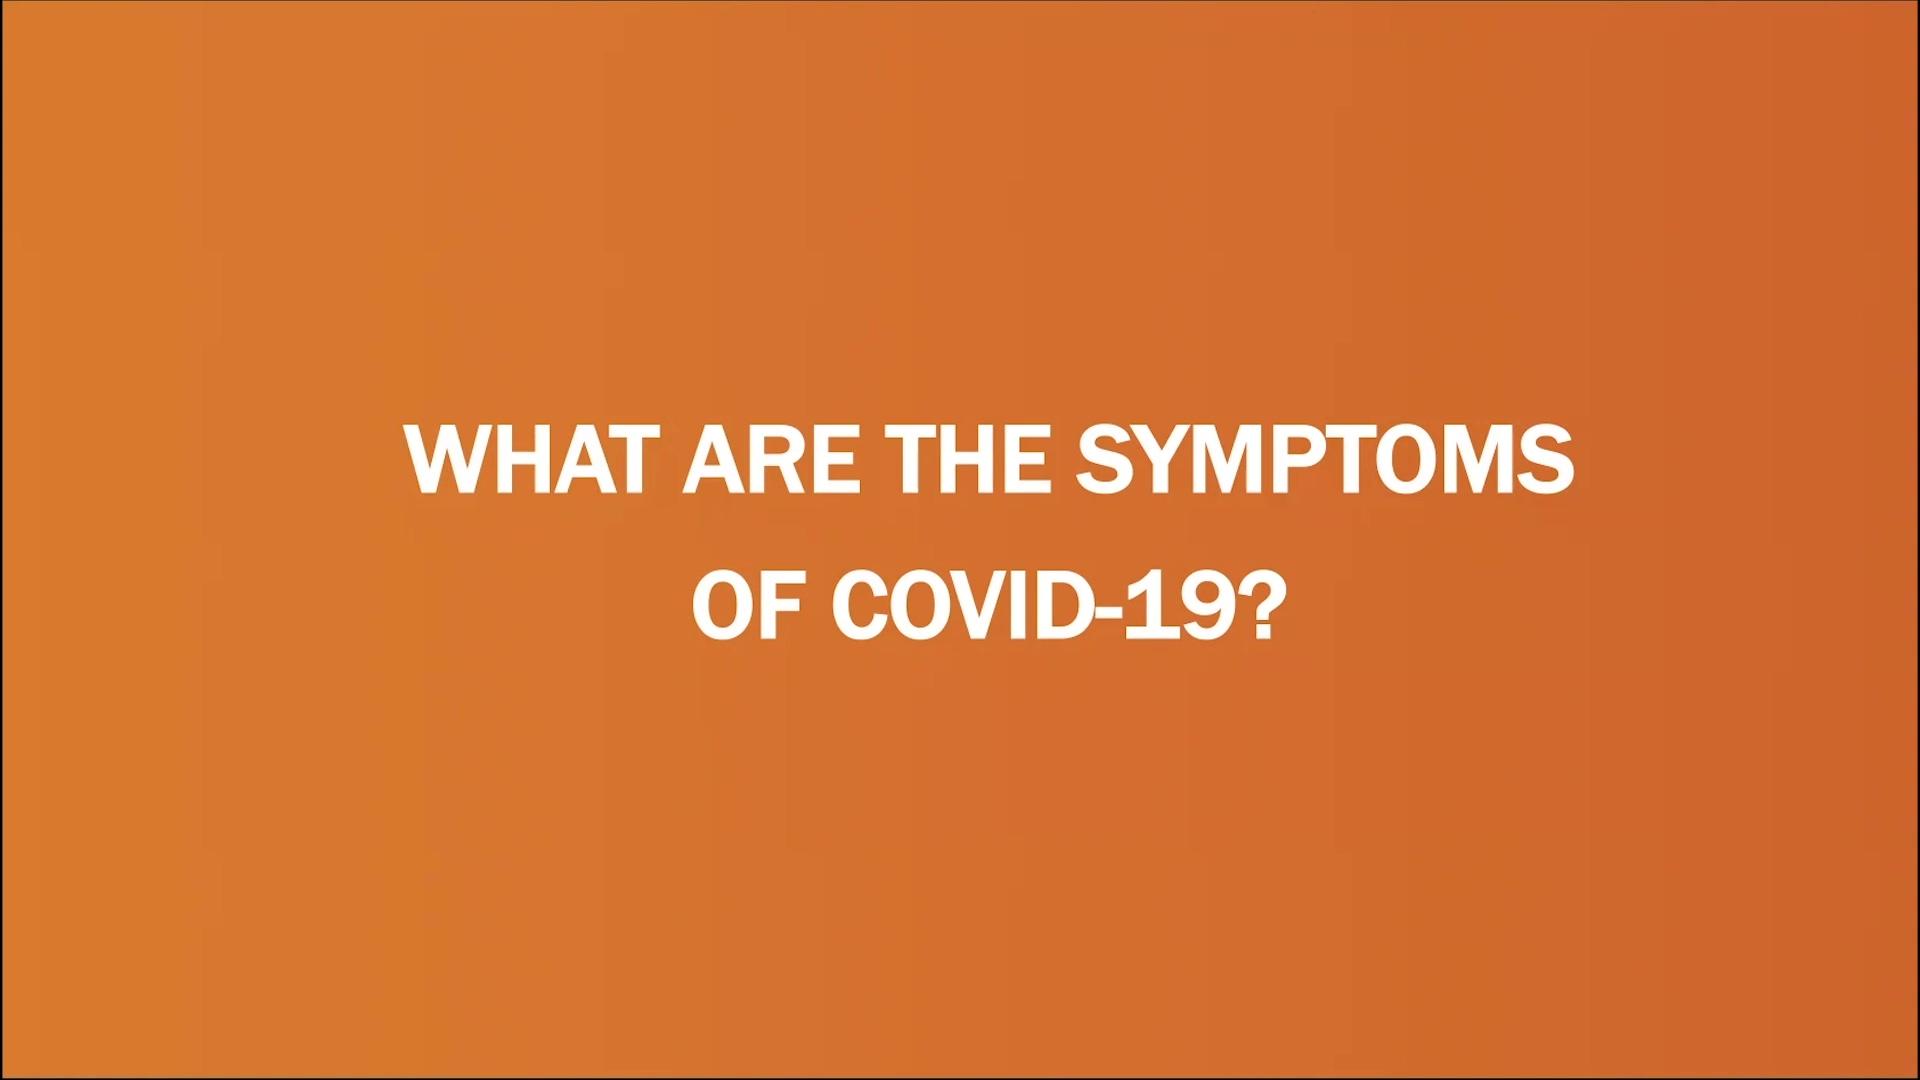 Coronavirus_webinar_recap_symptoms-thumb